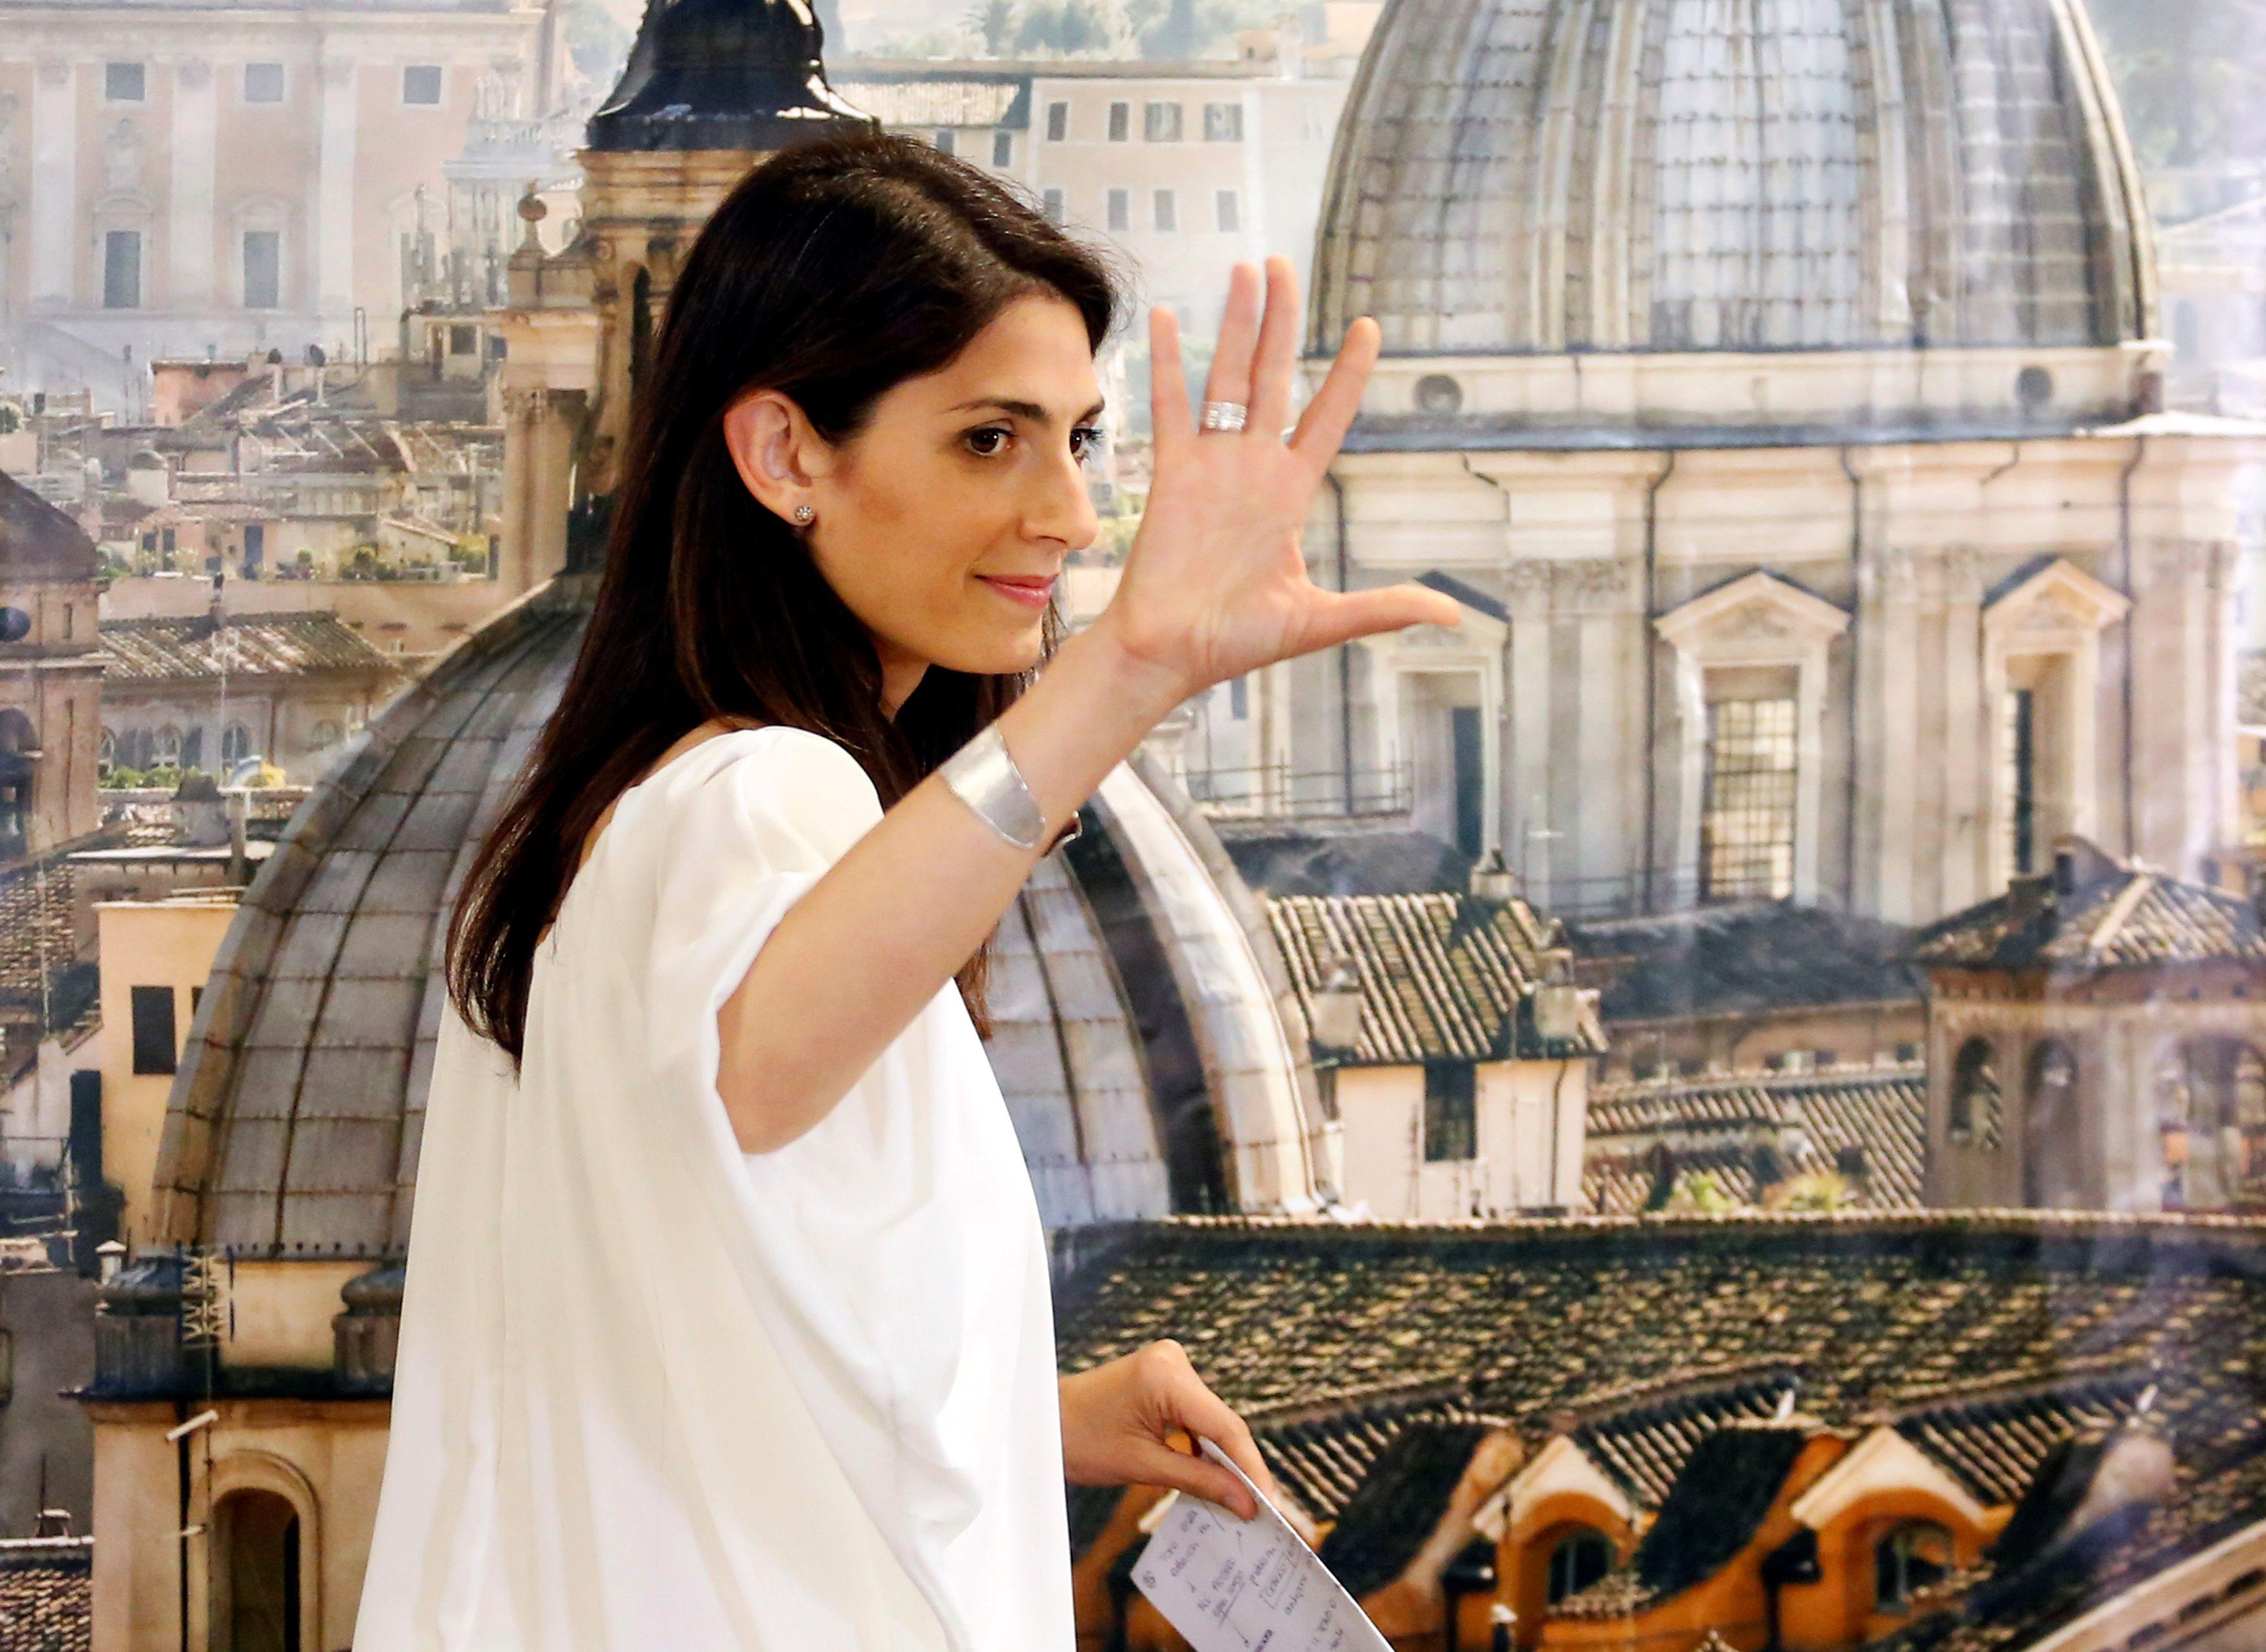 Victoire de Virginia Raggi à Rome : le populisme est-il devenu le seul moyen de ravir les métropoles à la gauche ?